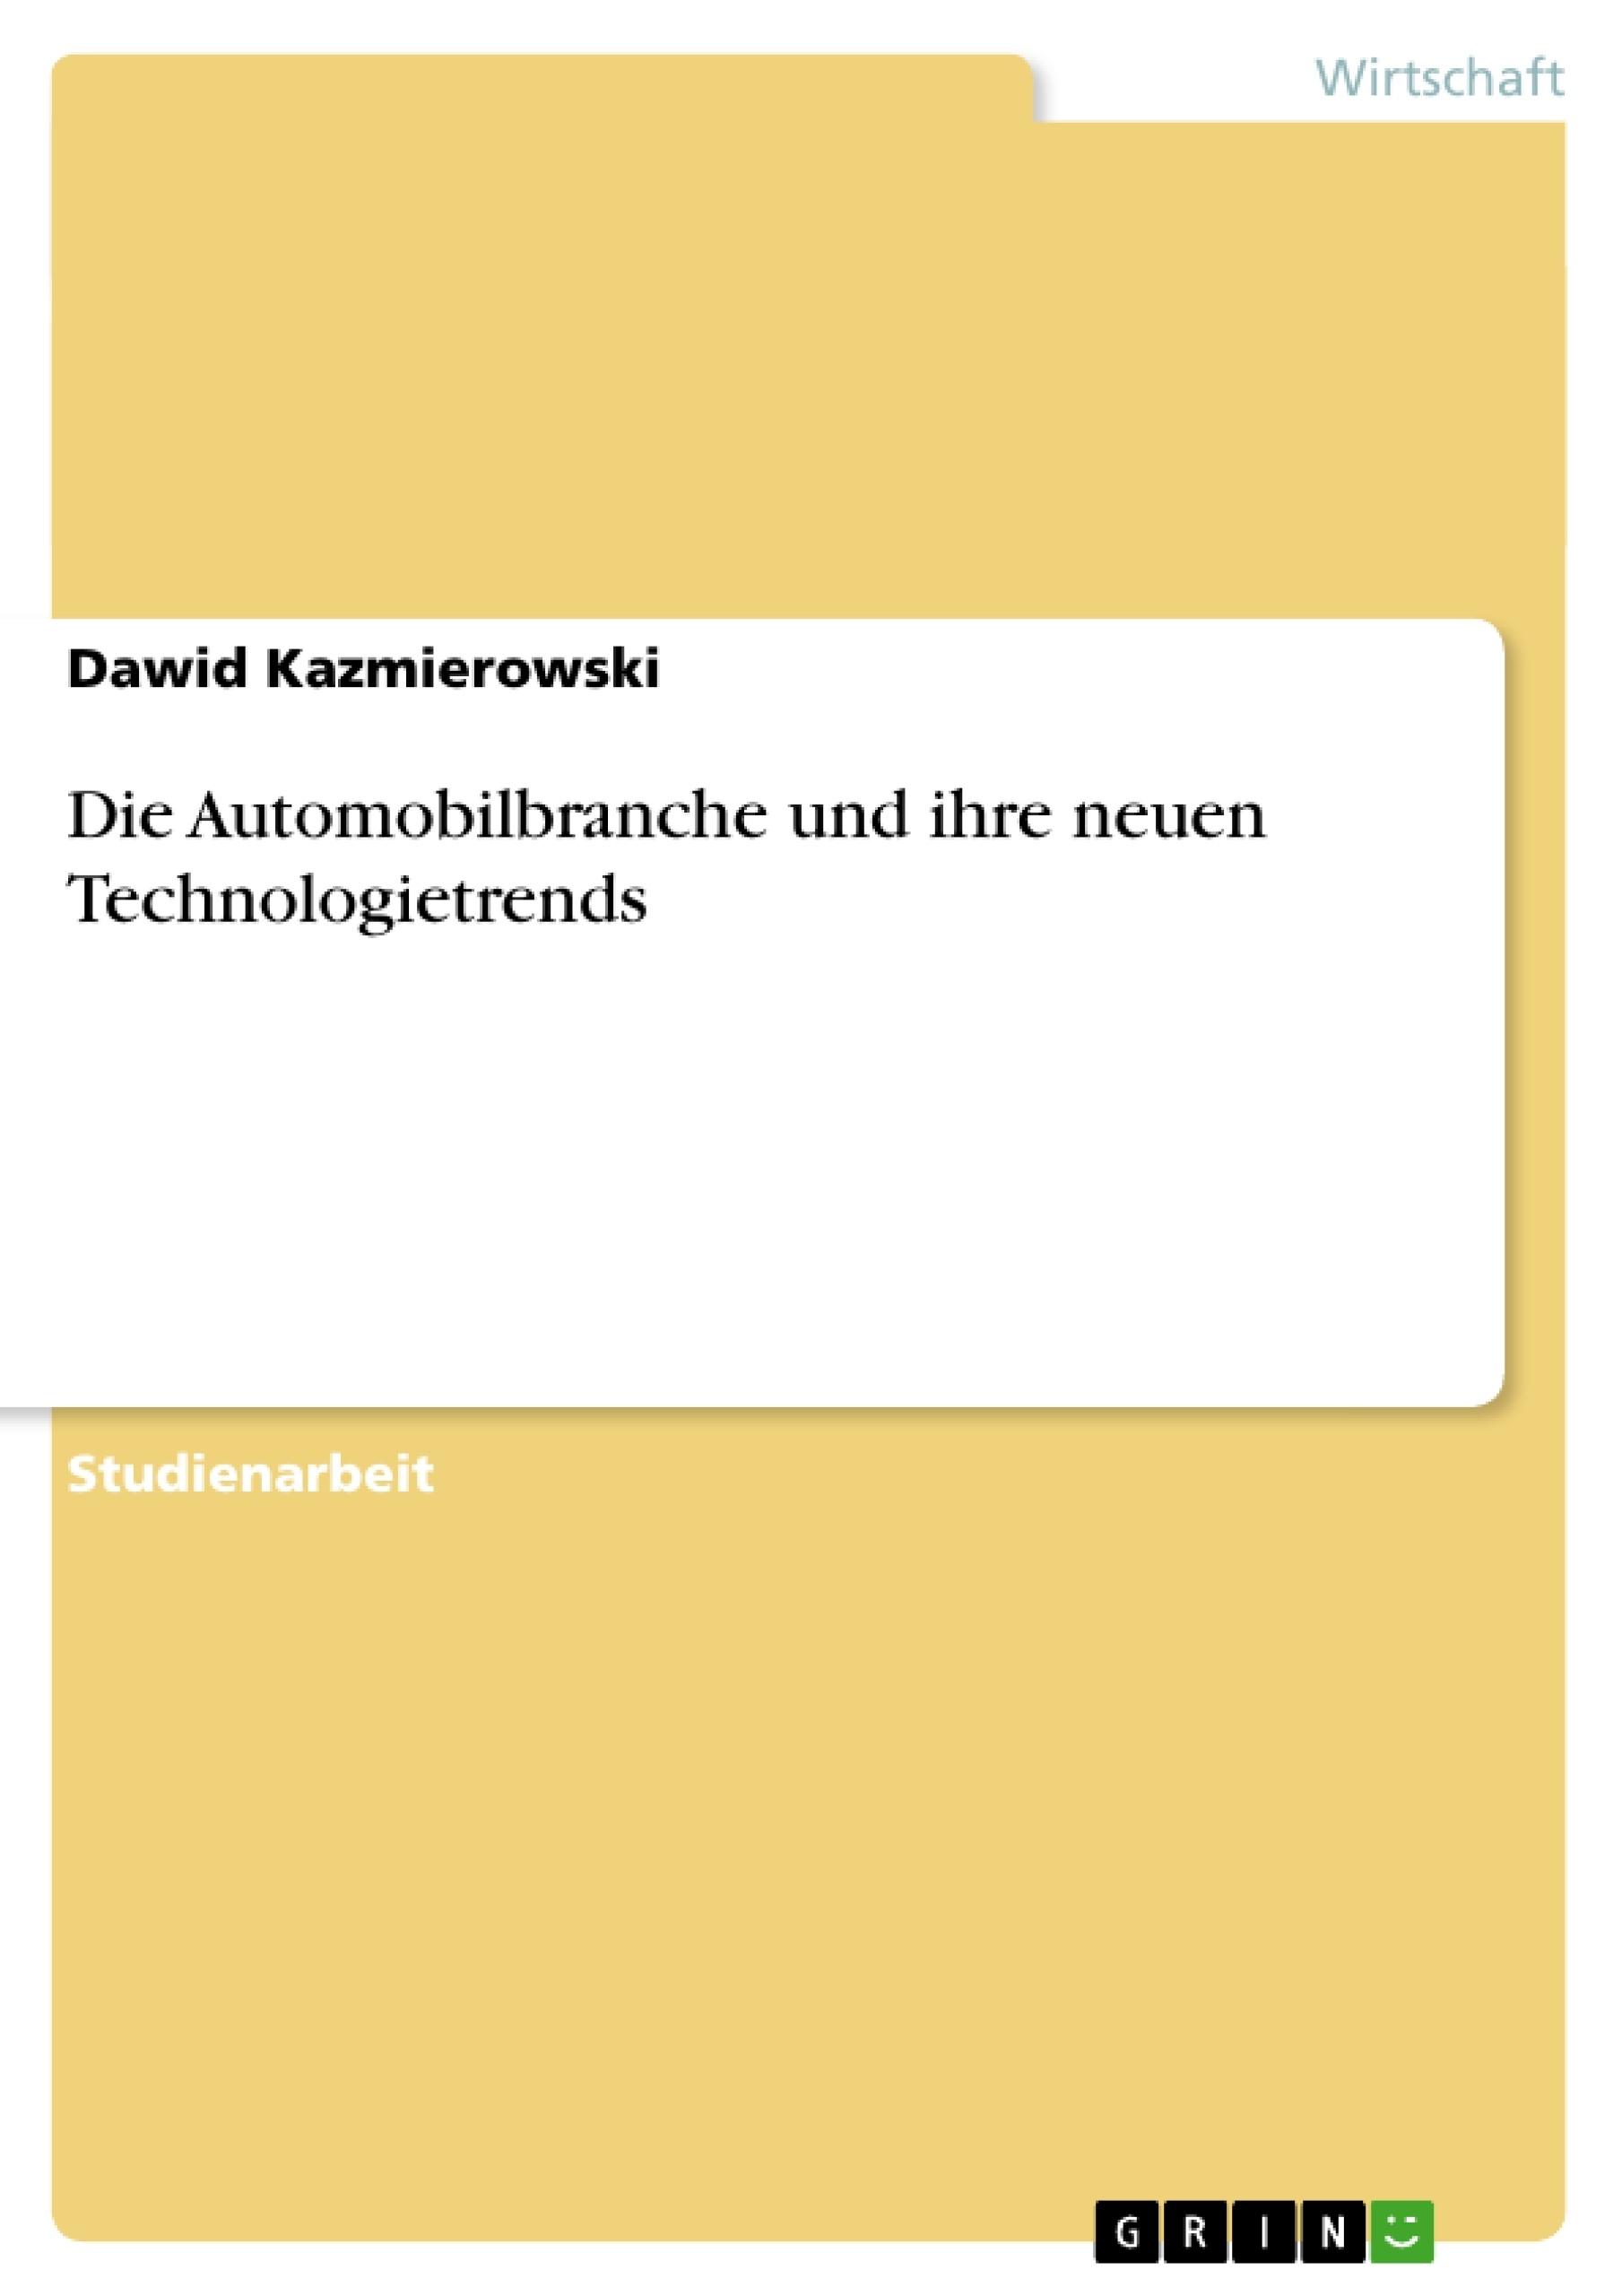 Titel: Die Automobilbranche und ihre neuen Technologietrends